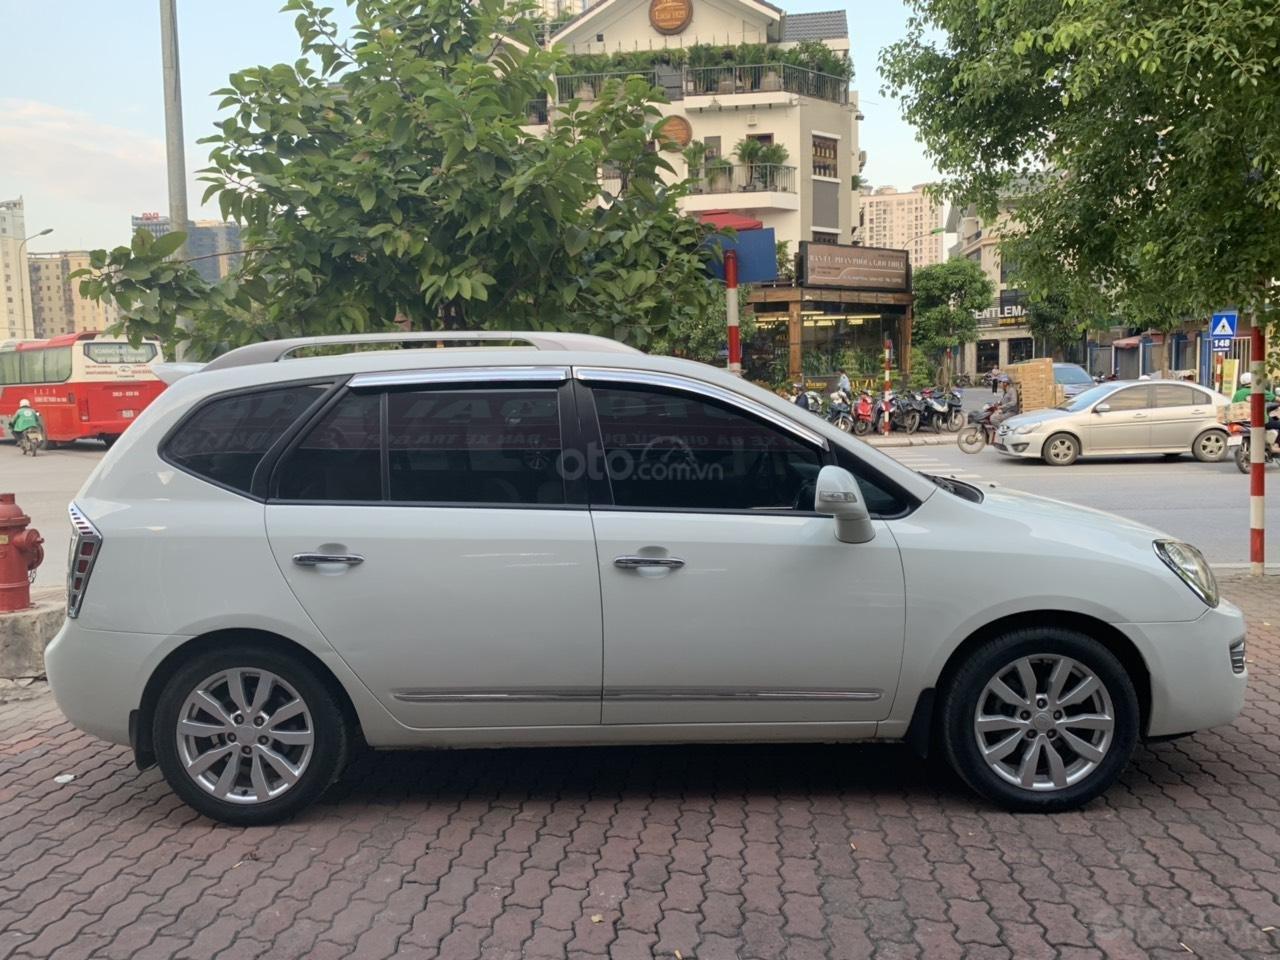 Bán xe Kia Carens 2.0AT năm 2011, màu trắng (4)